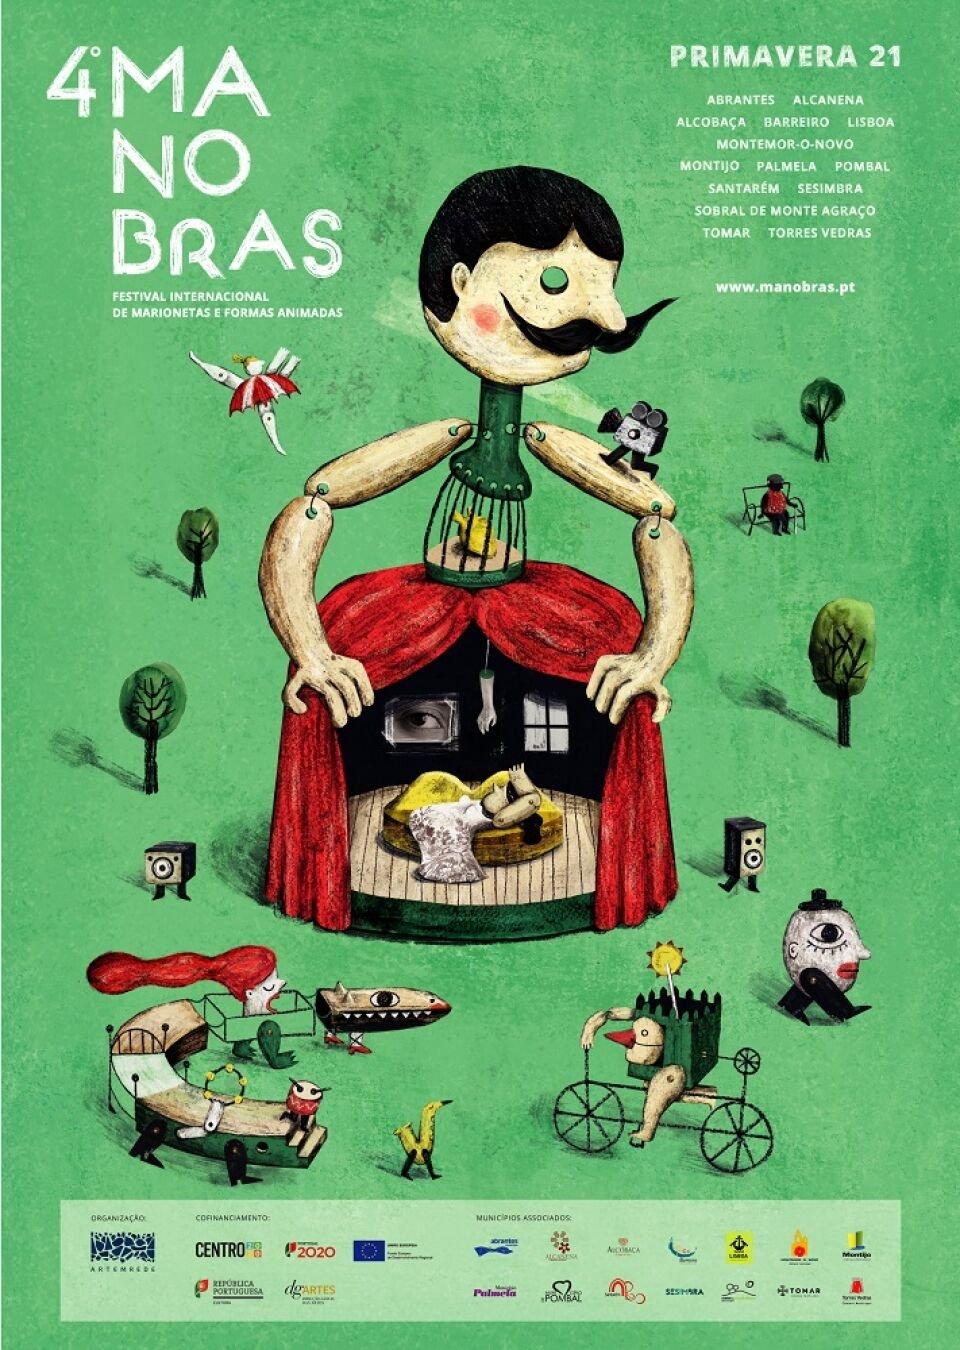 4.º Manobras - Festival Internacional de Marionetas e Formas Animadas (Edição Primavera)